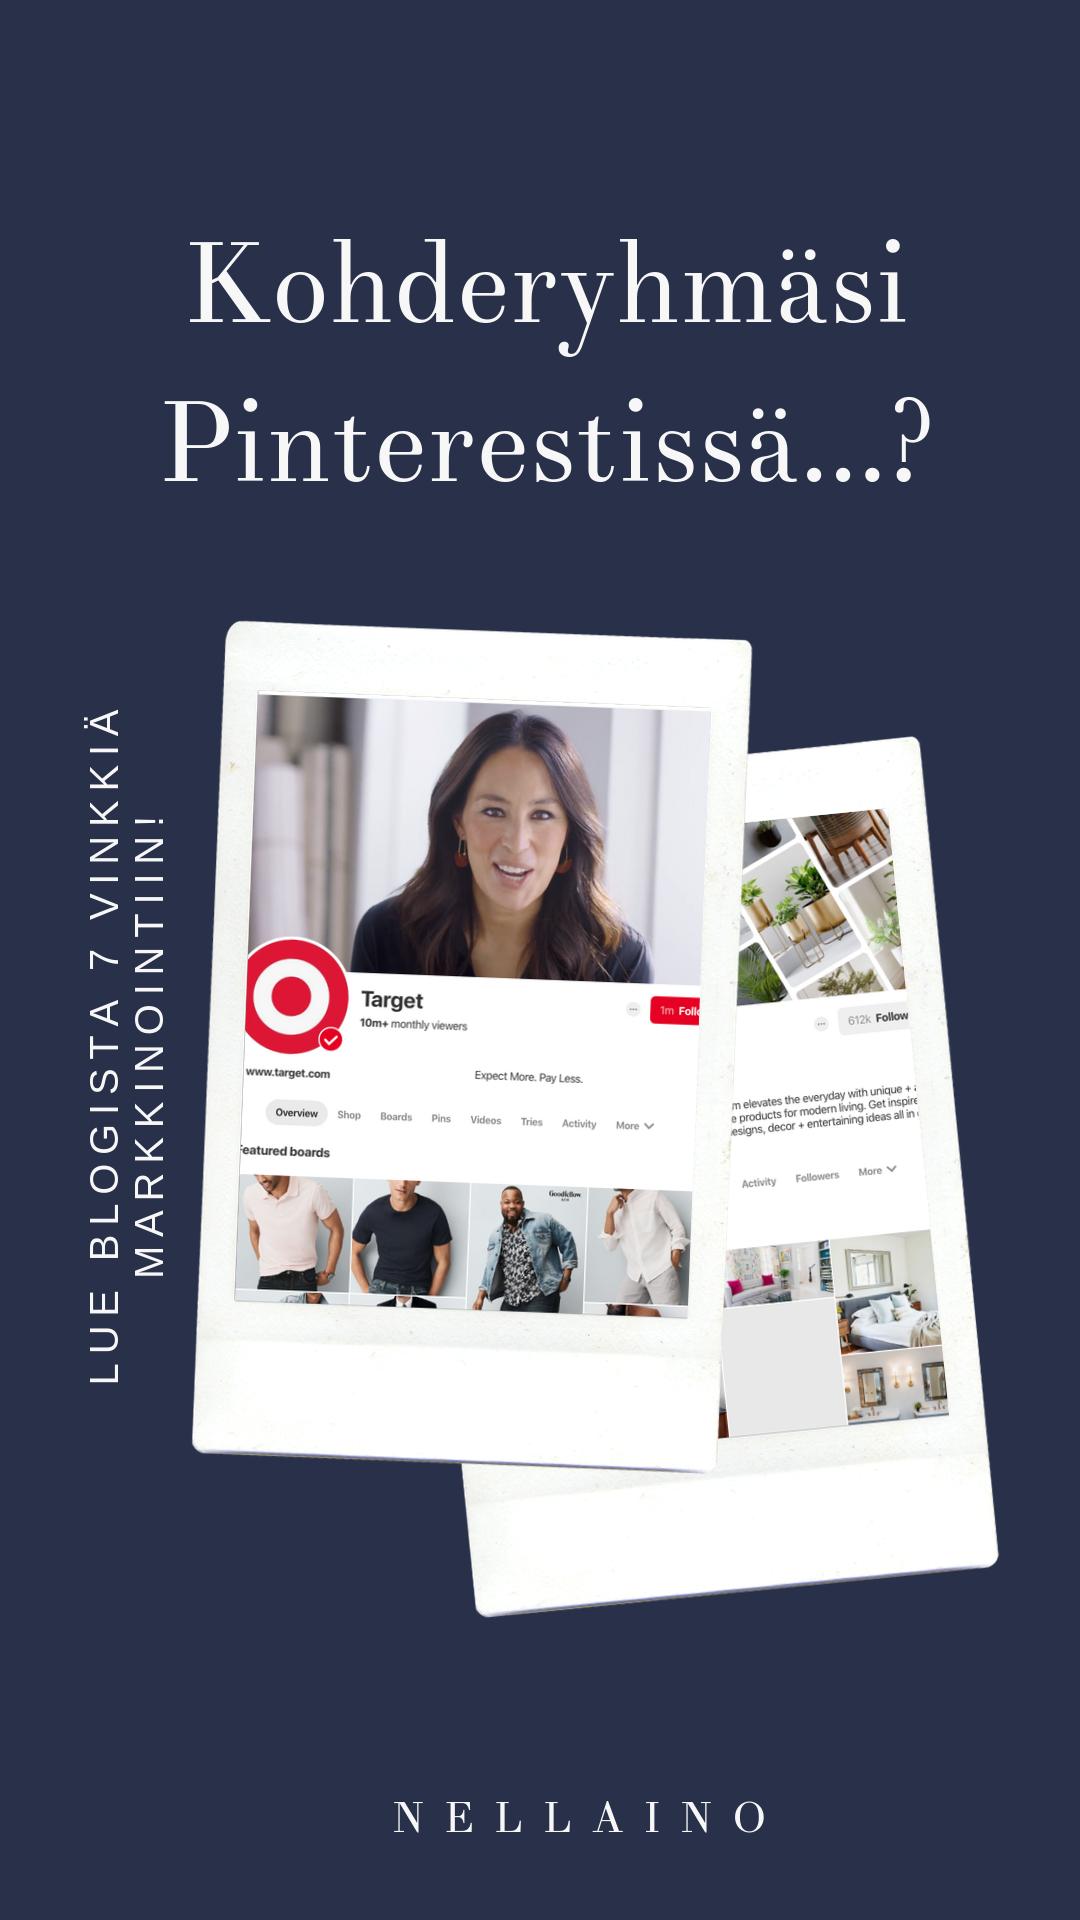 Pinterest-markkinoinnissa on tärkeä hahmottaa ja löytää oma kohderyhmä, jolle sisältöä tuotetaan. www.nellaino.com/blog #nellaino #pinterestvinkit